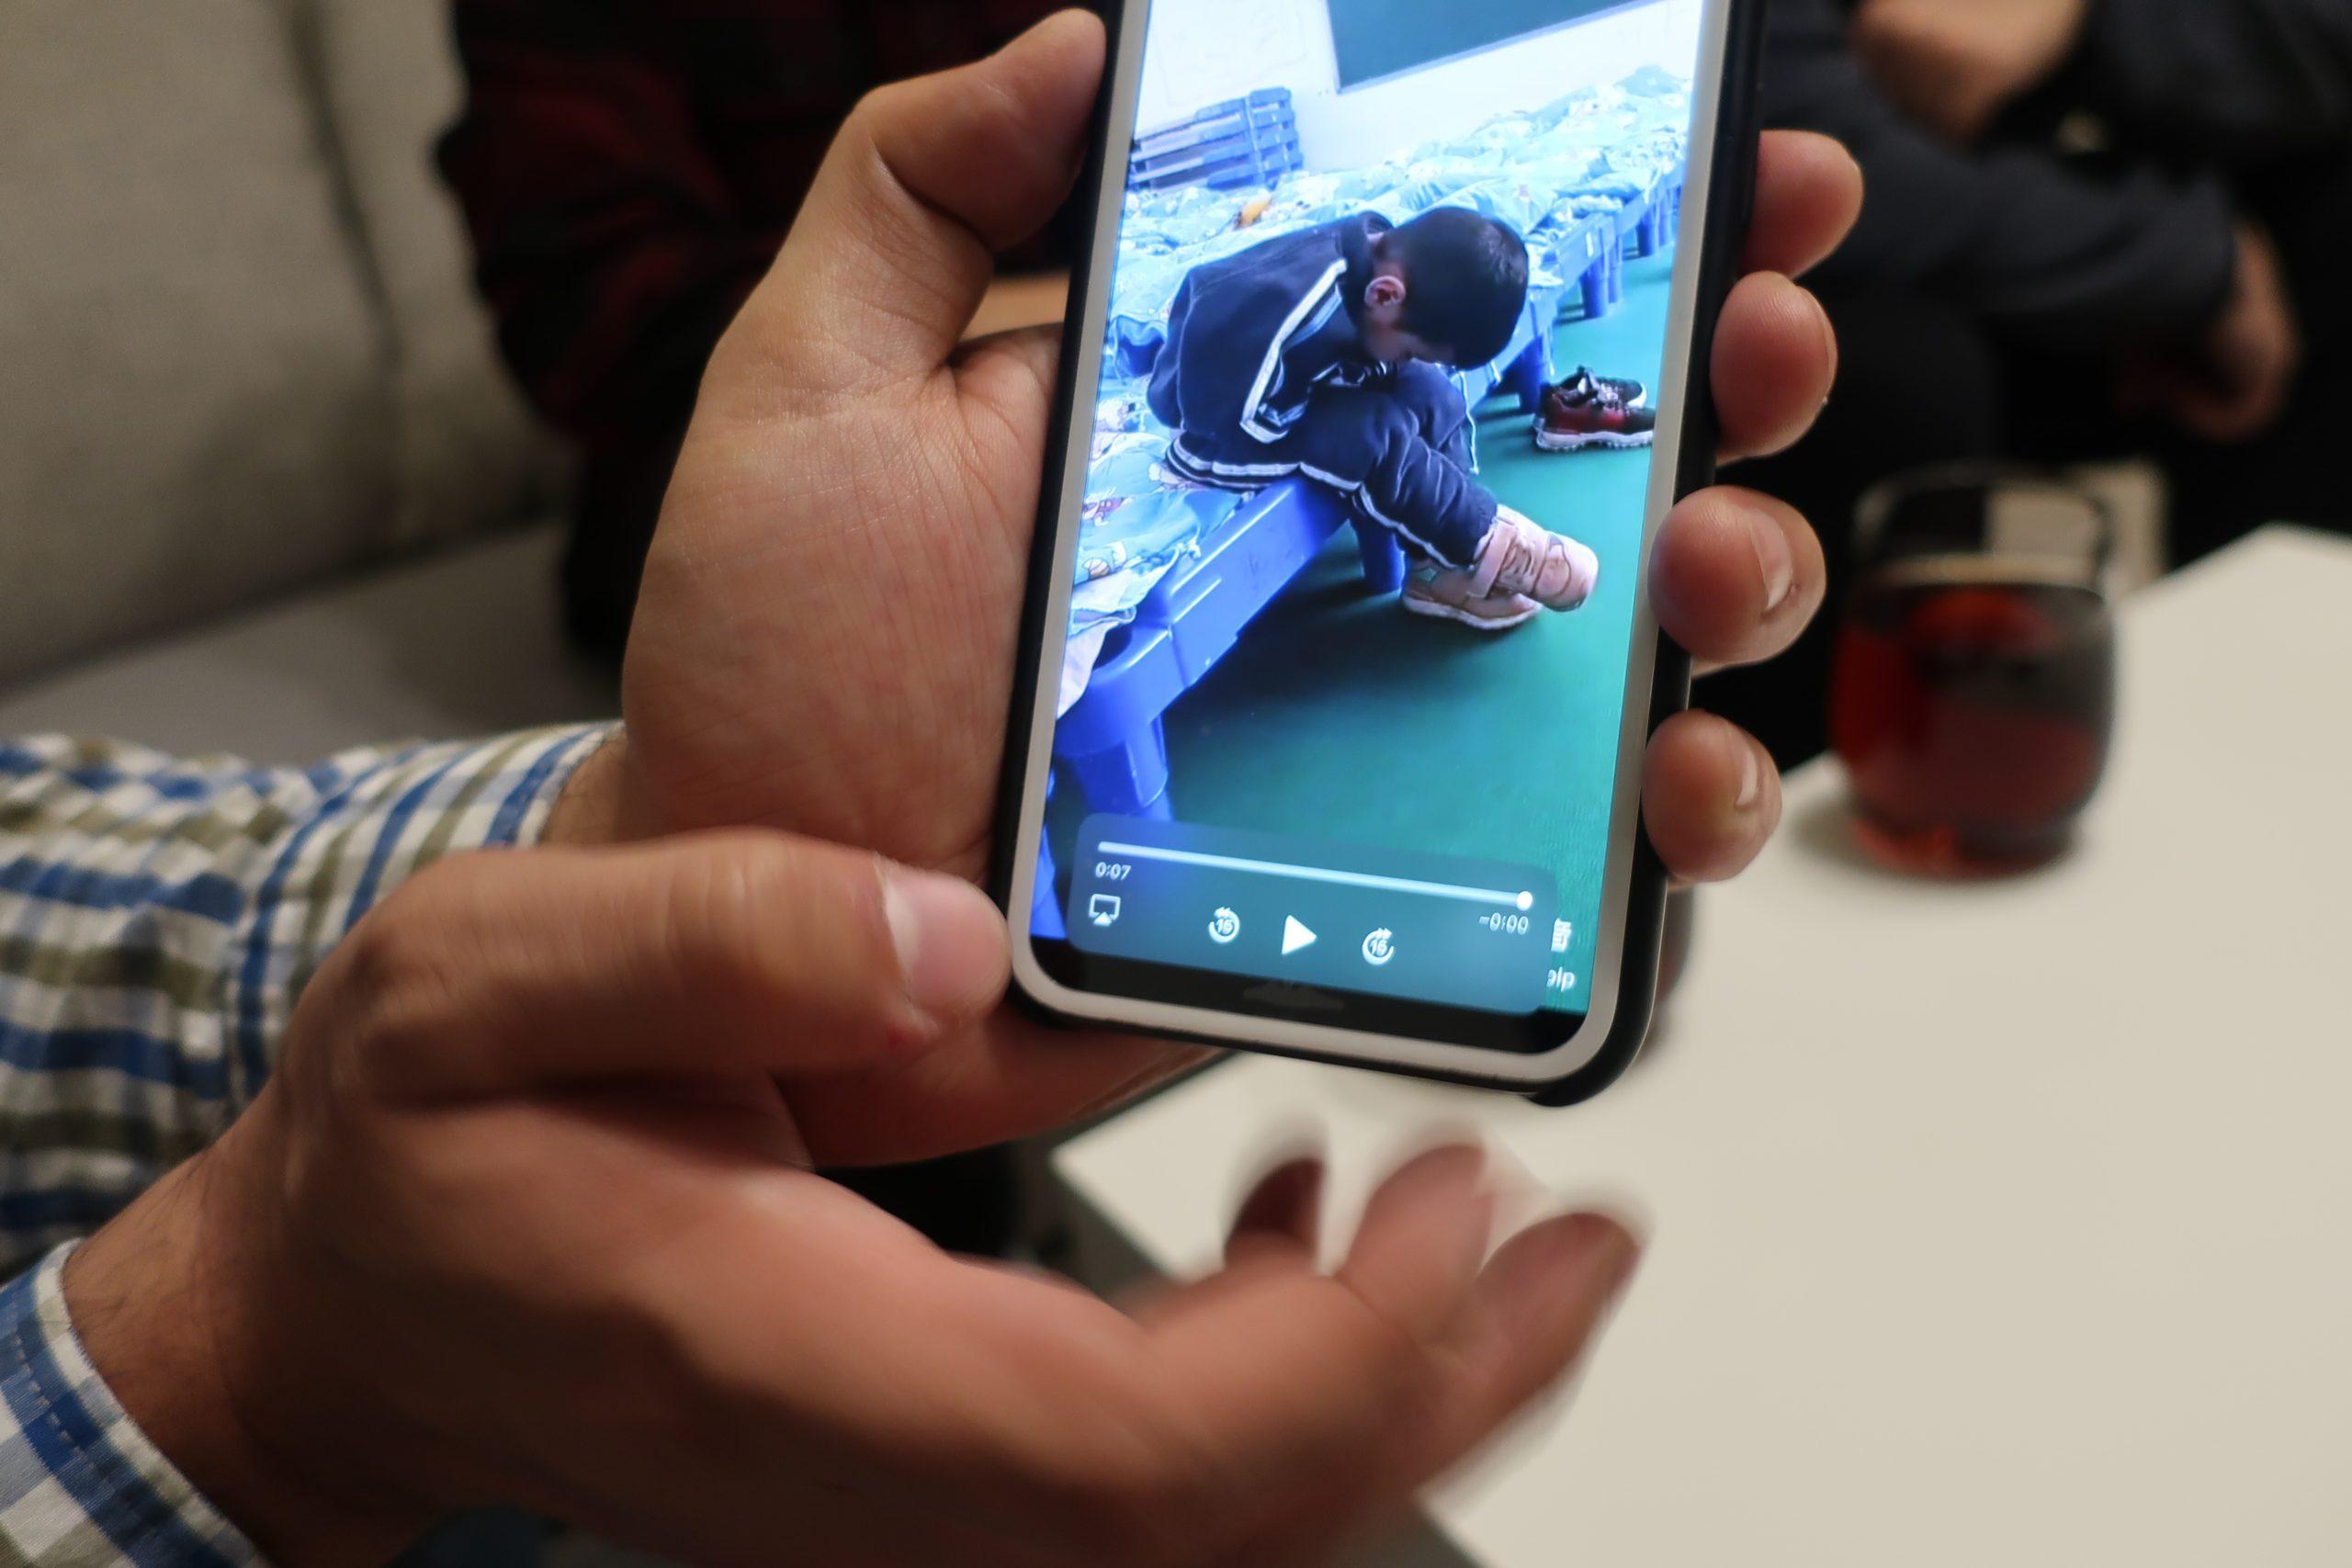 Ahmet Omer näyttää Xinjiangista saamaansa videonpätkää. Se ja vastaavat videot todistavat pakkotyöleireistä ja epäinhimillisistä elinoloista. Kuva: Salla Nazarenko